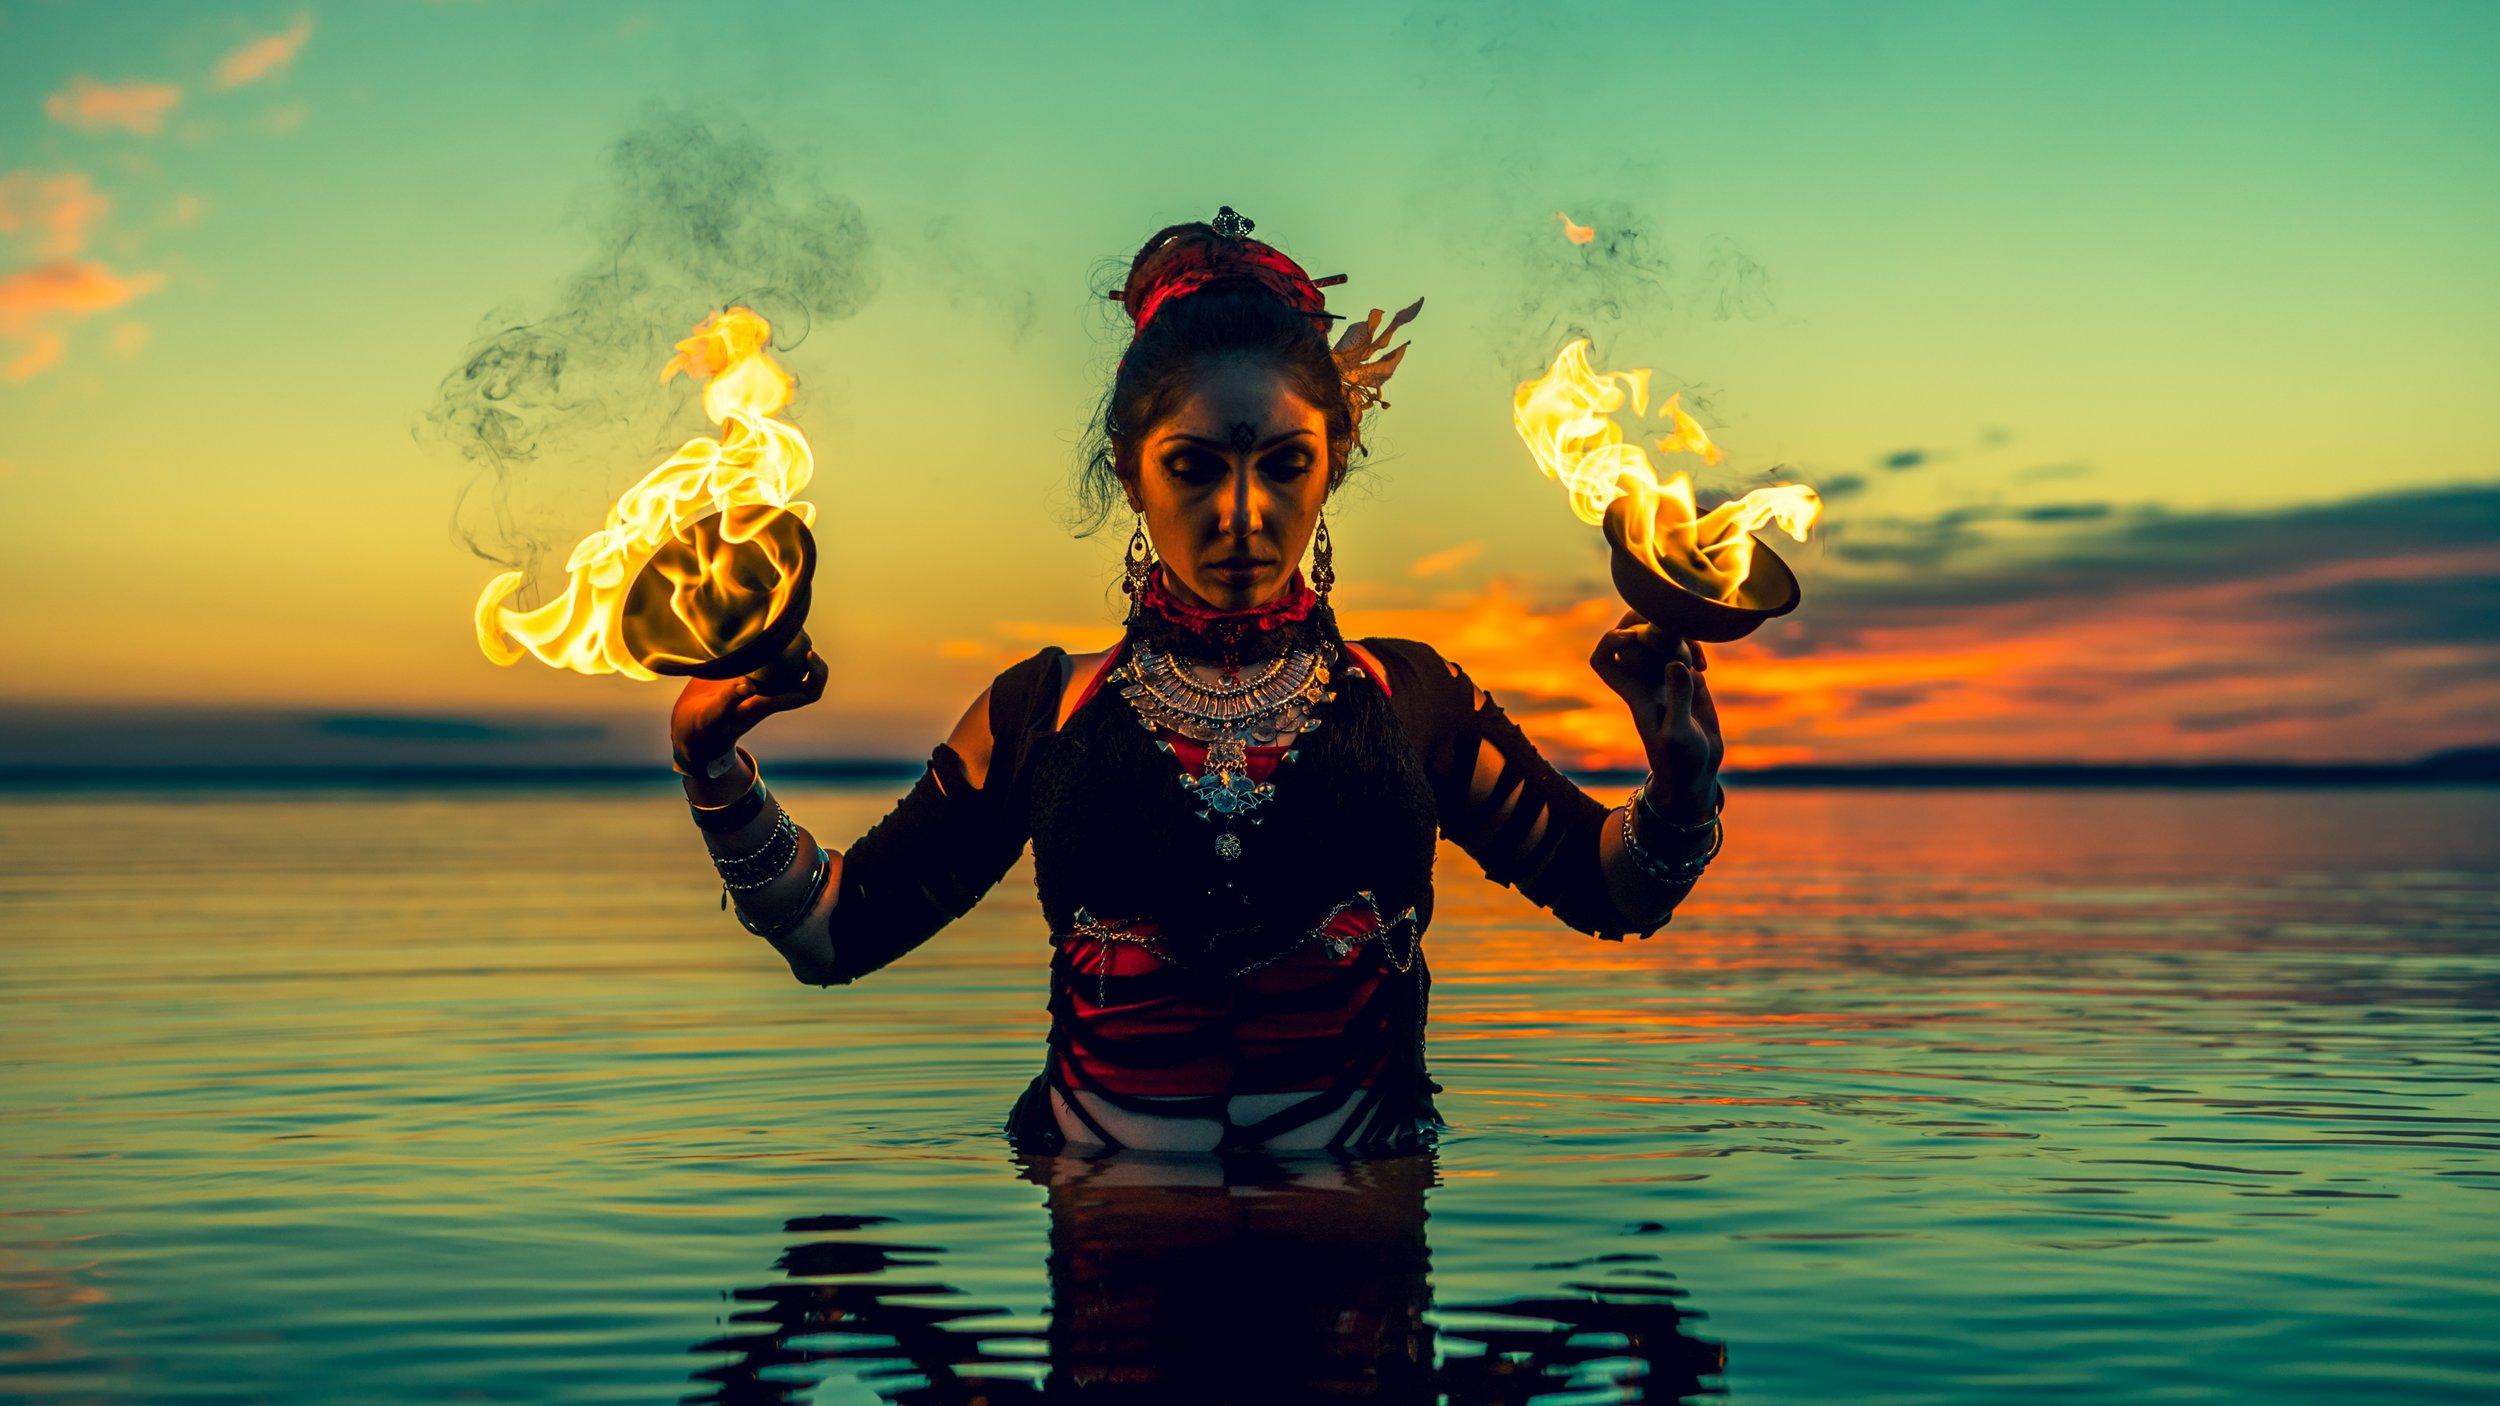 Finde deine heilige Flamme. Bild: Olga Bast / Unsplash